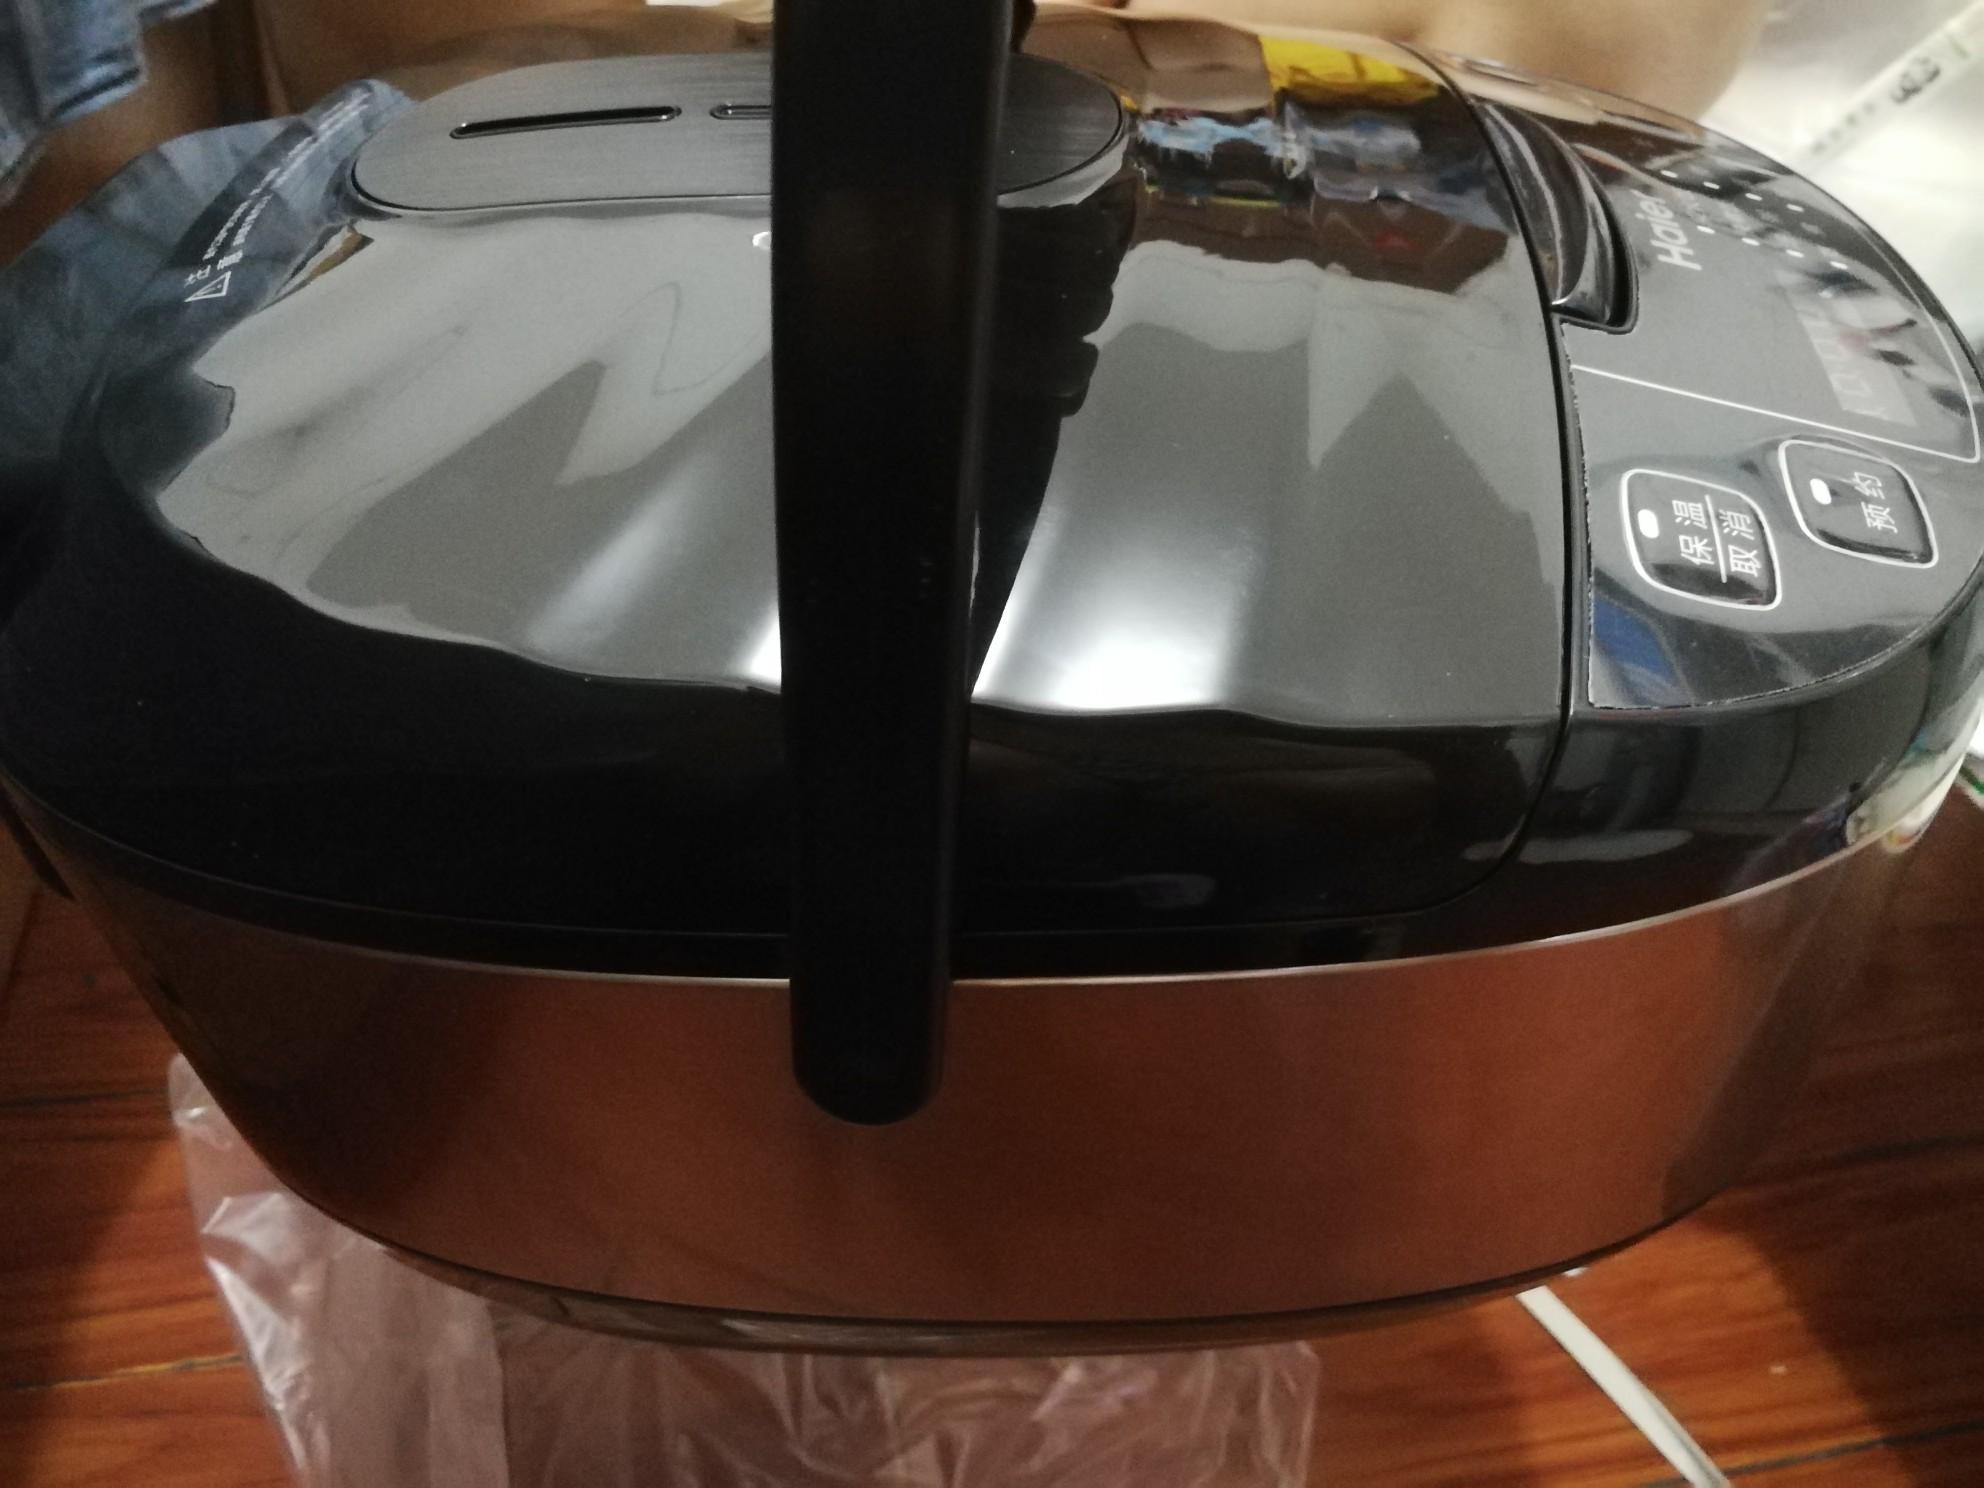 海尔FBS-E5001D电饭煲,煮饭锅怎么样?怎么买合适?有谁用过?